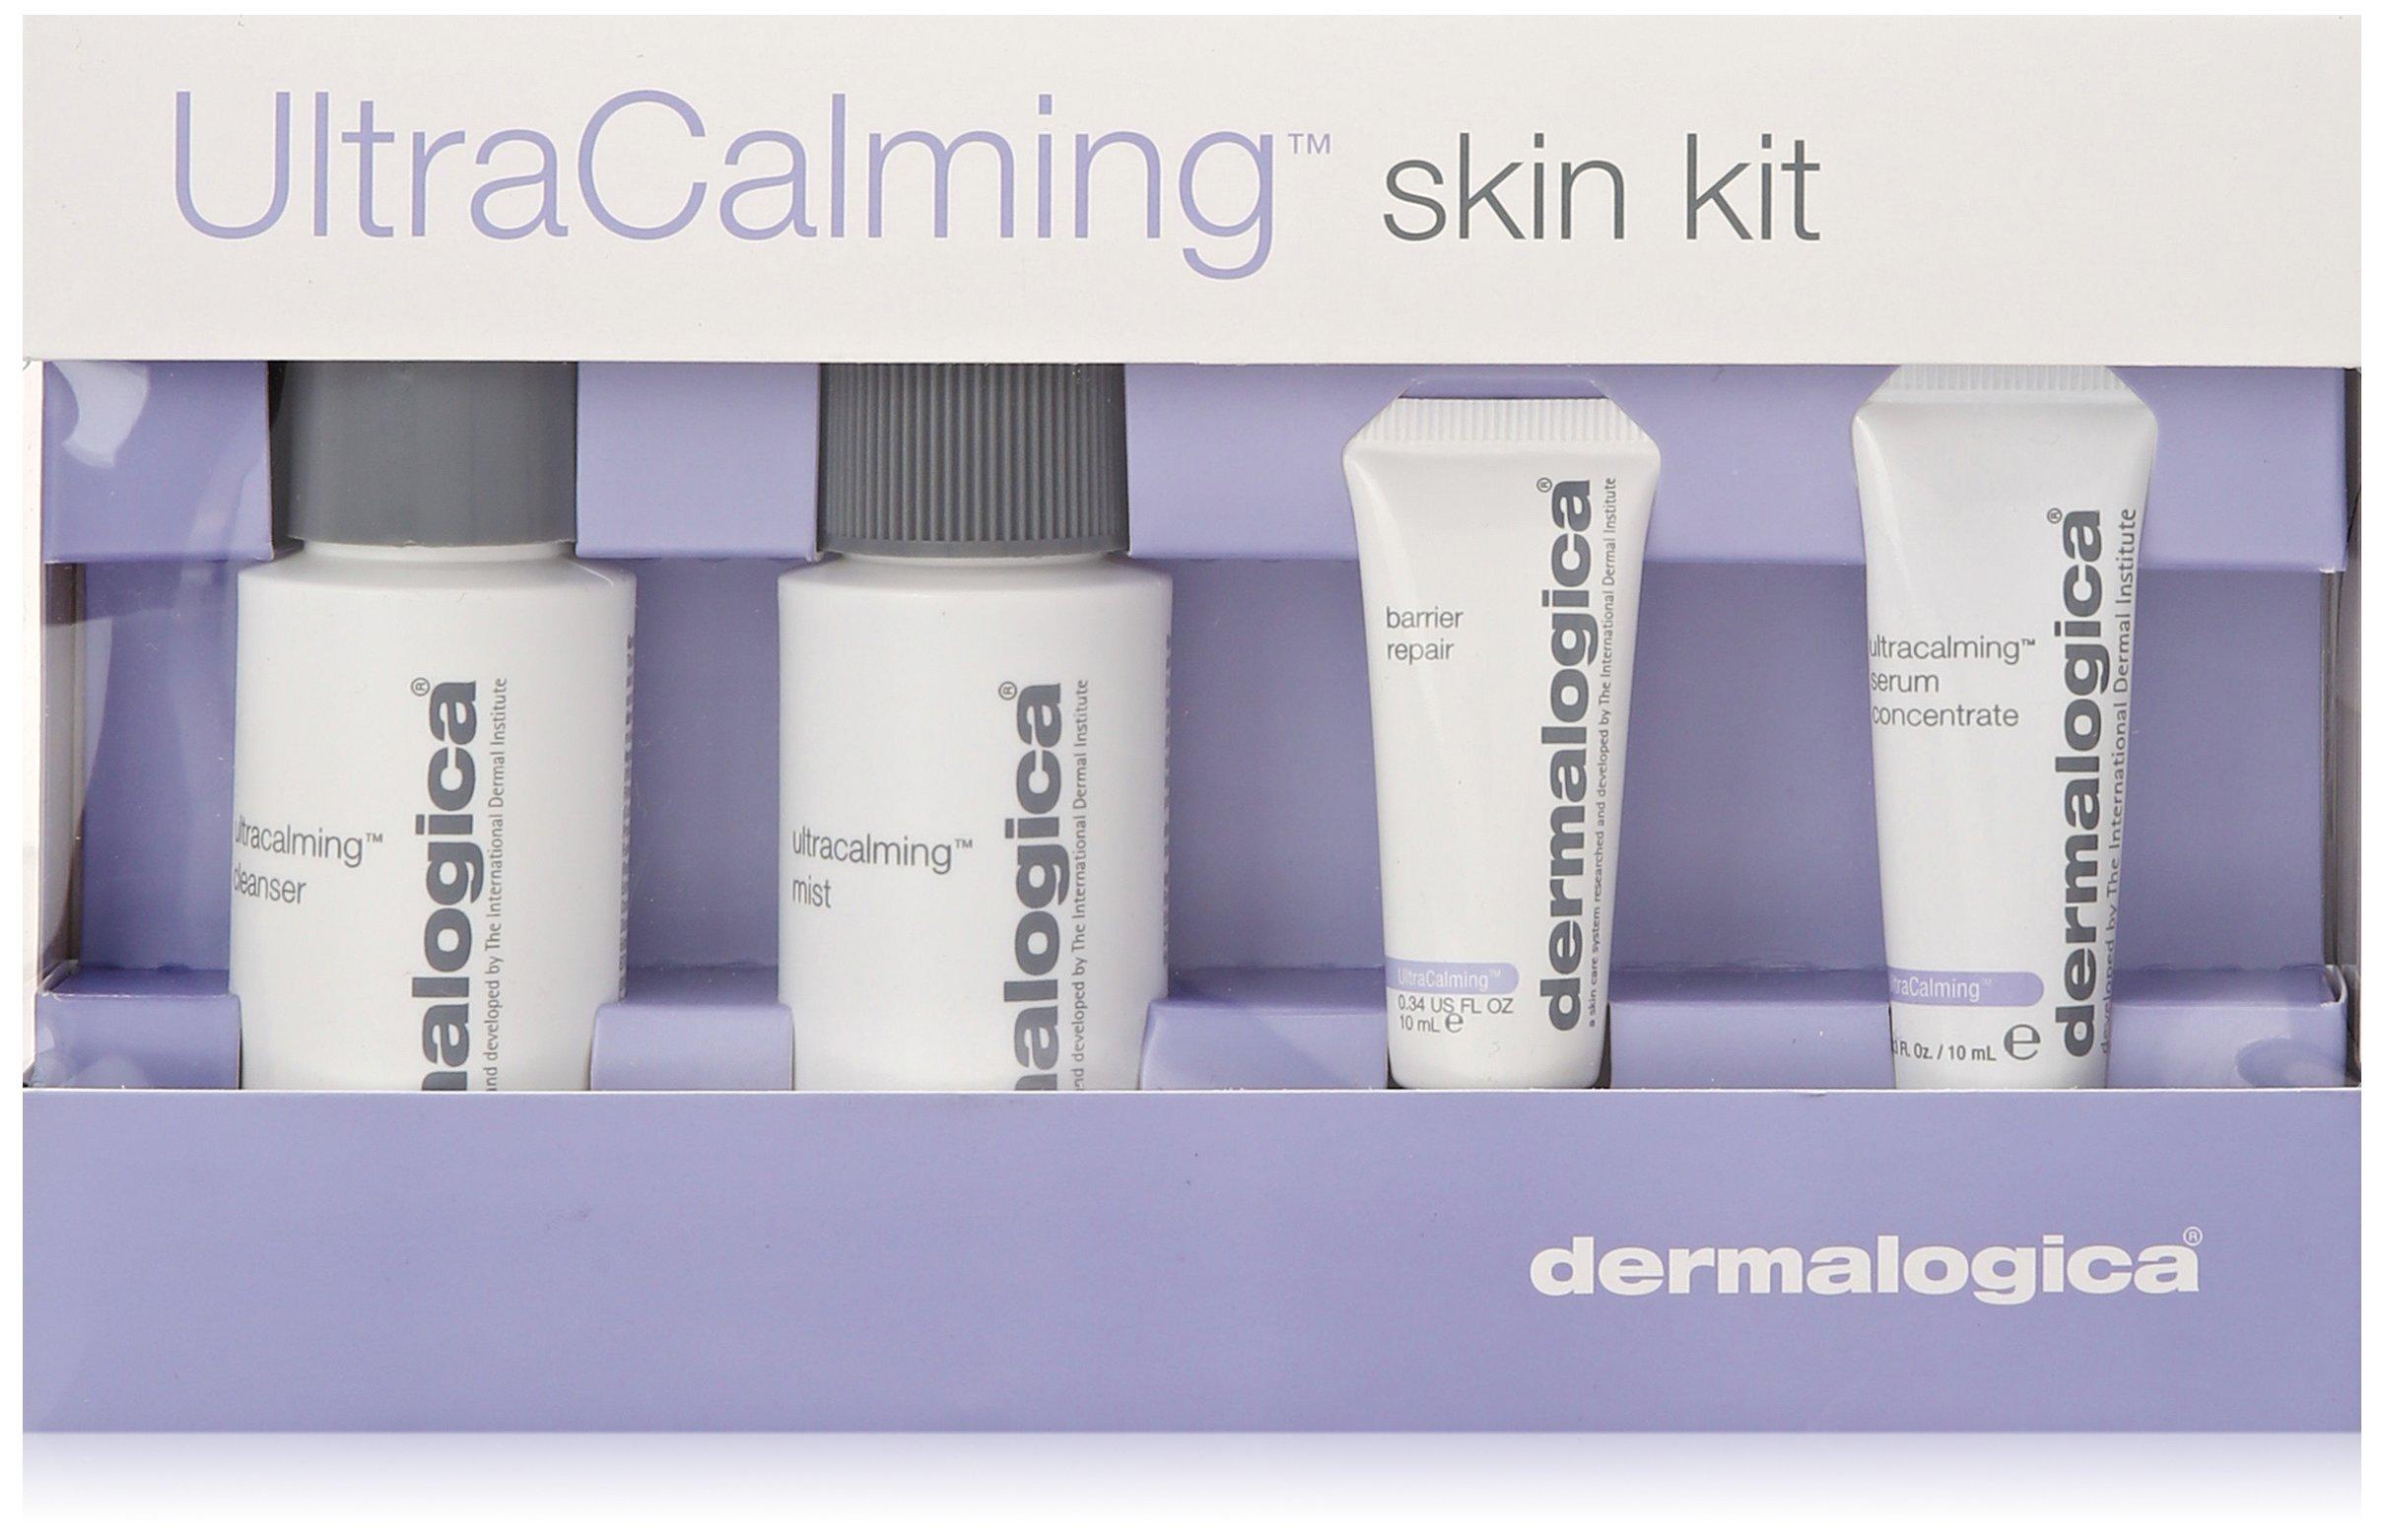 Dermalogica Ultracalming Skin Treatment Kit by DERMALOGICA